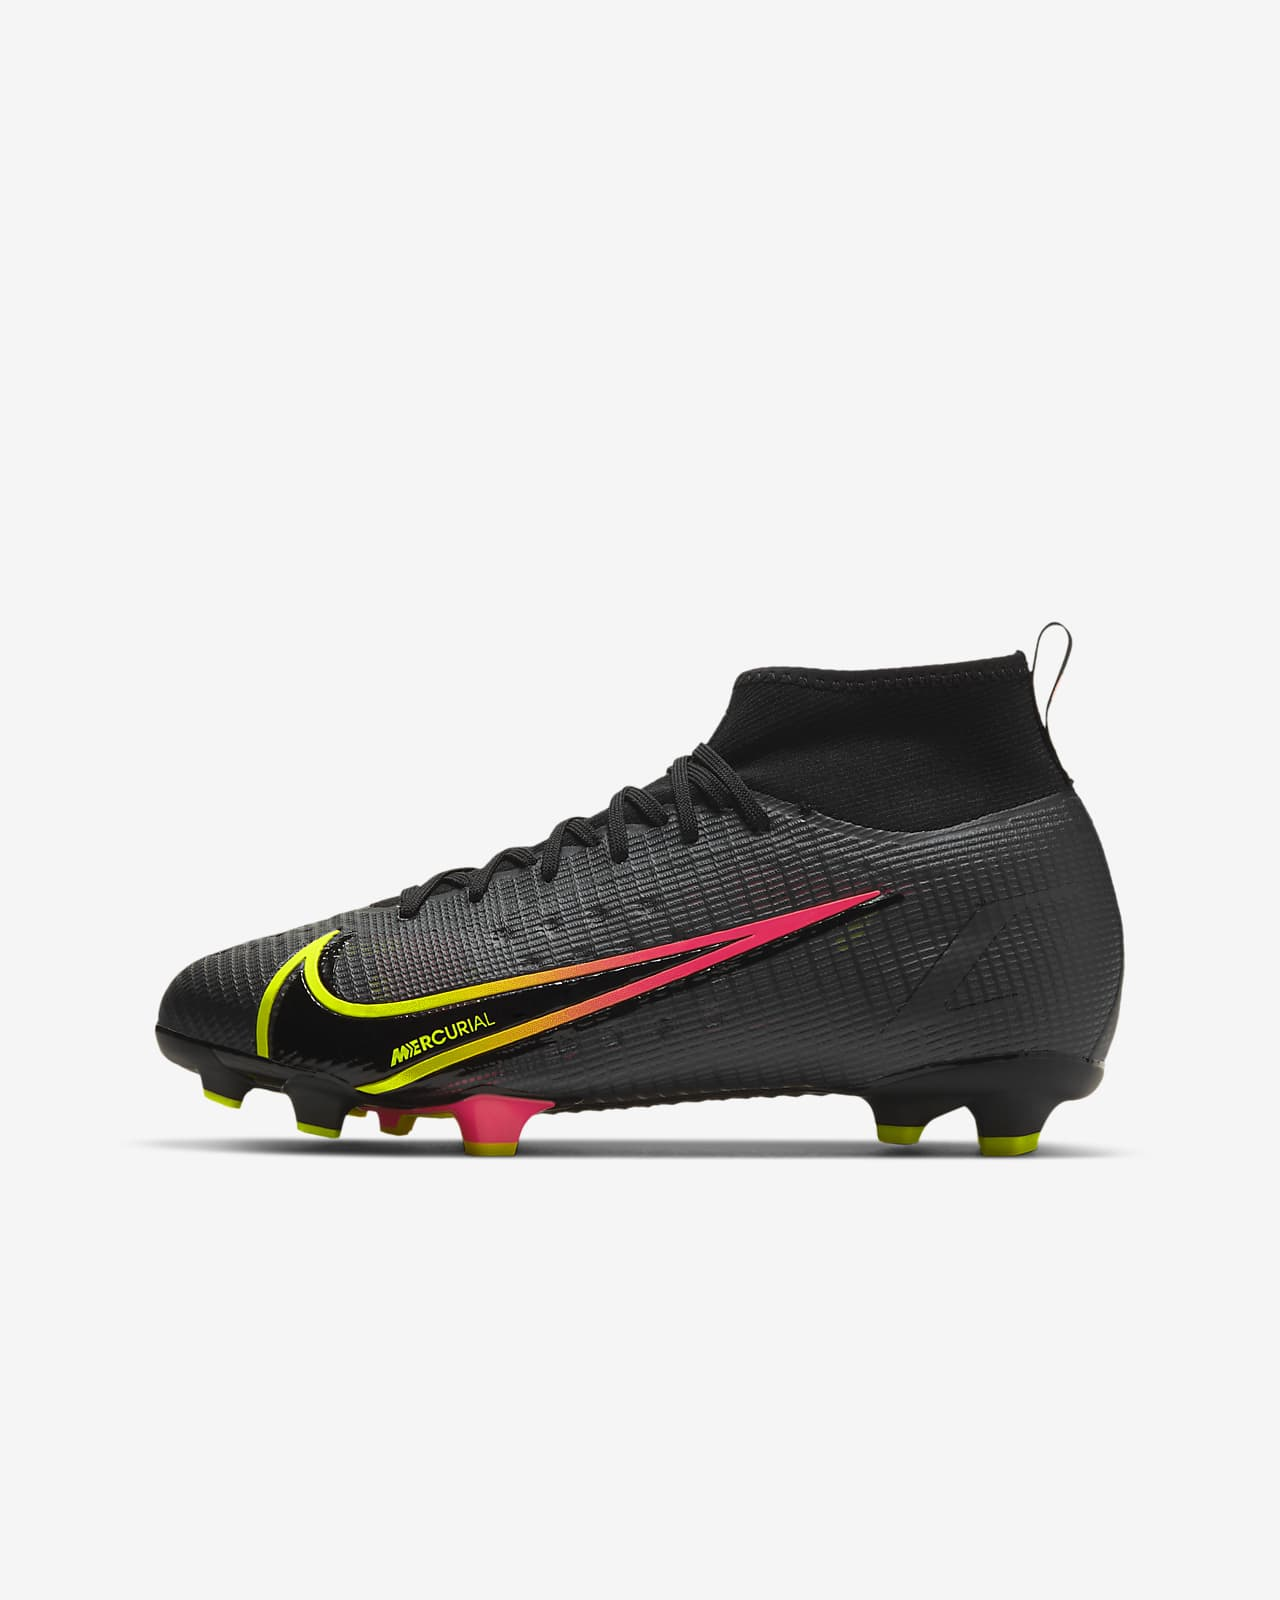 Nike Jr. Mercurial Superfly 8 Pro FG Botas de fútbol para terreno firme - Niño/a y niño/a pequeño/a